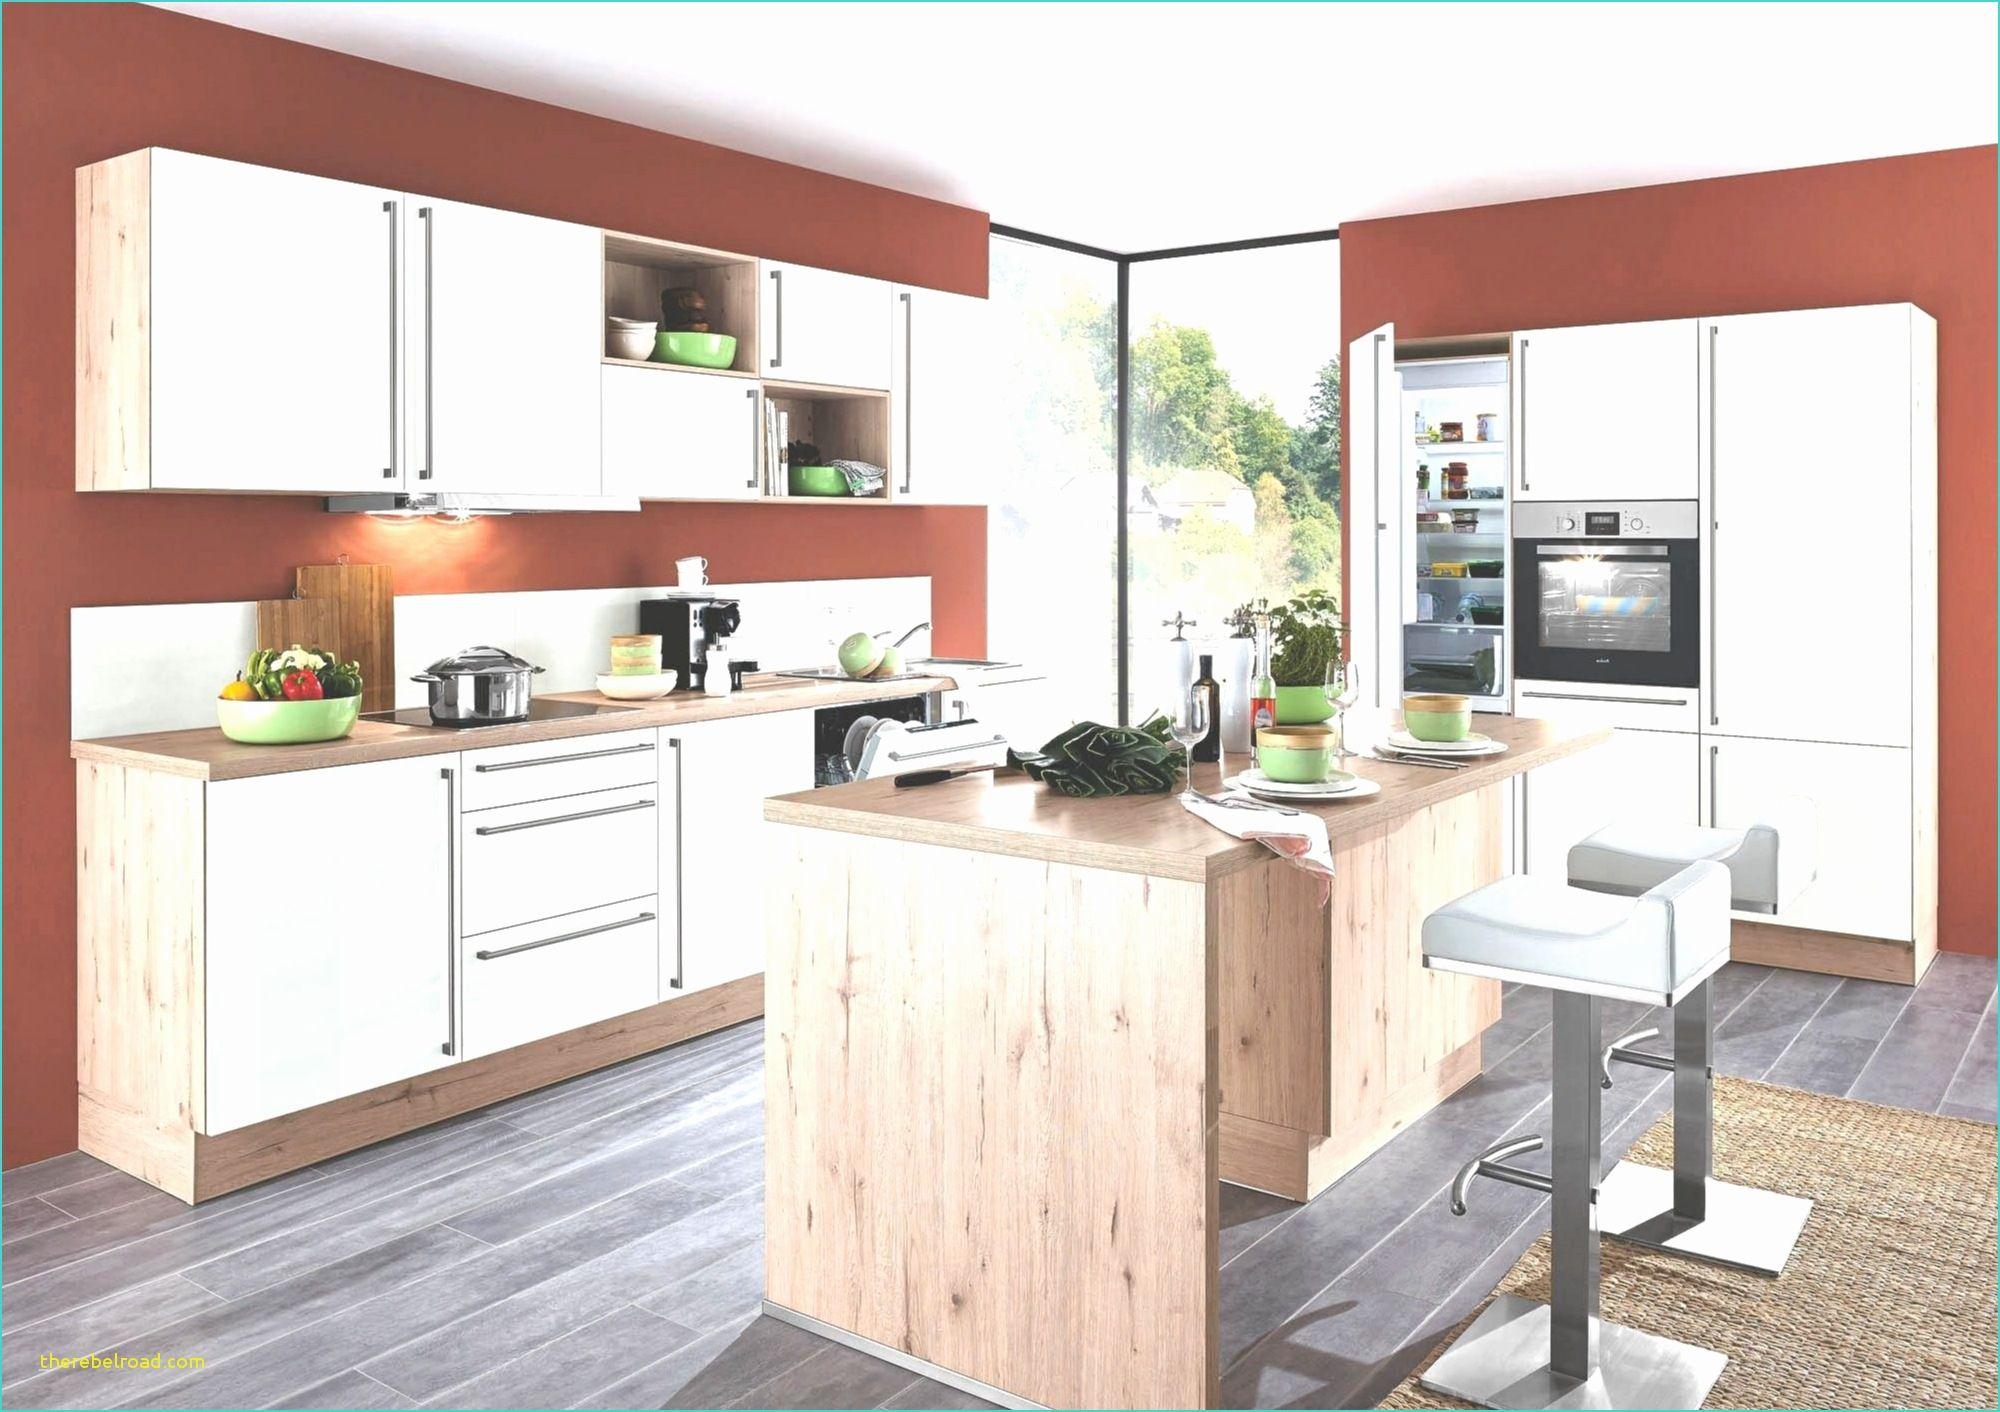 Full Size of Ikea Küche Zusammenstellen Ikea Küche Zusammenstellen Online Unterschrank Küche Zusammenstellen Küche Zusammenstellen Günstig Küche Küche Zusammenstellen